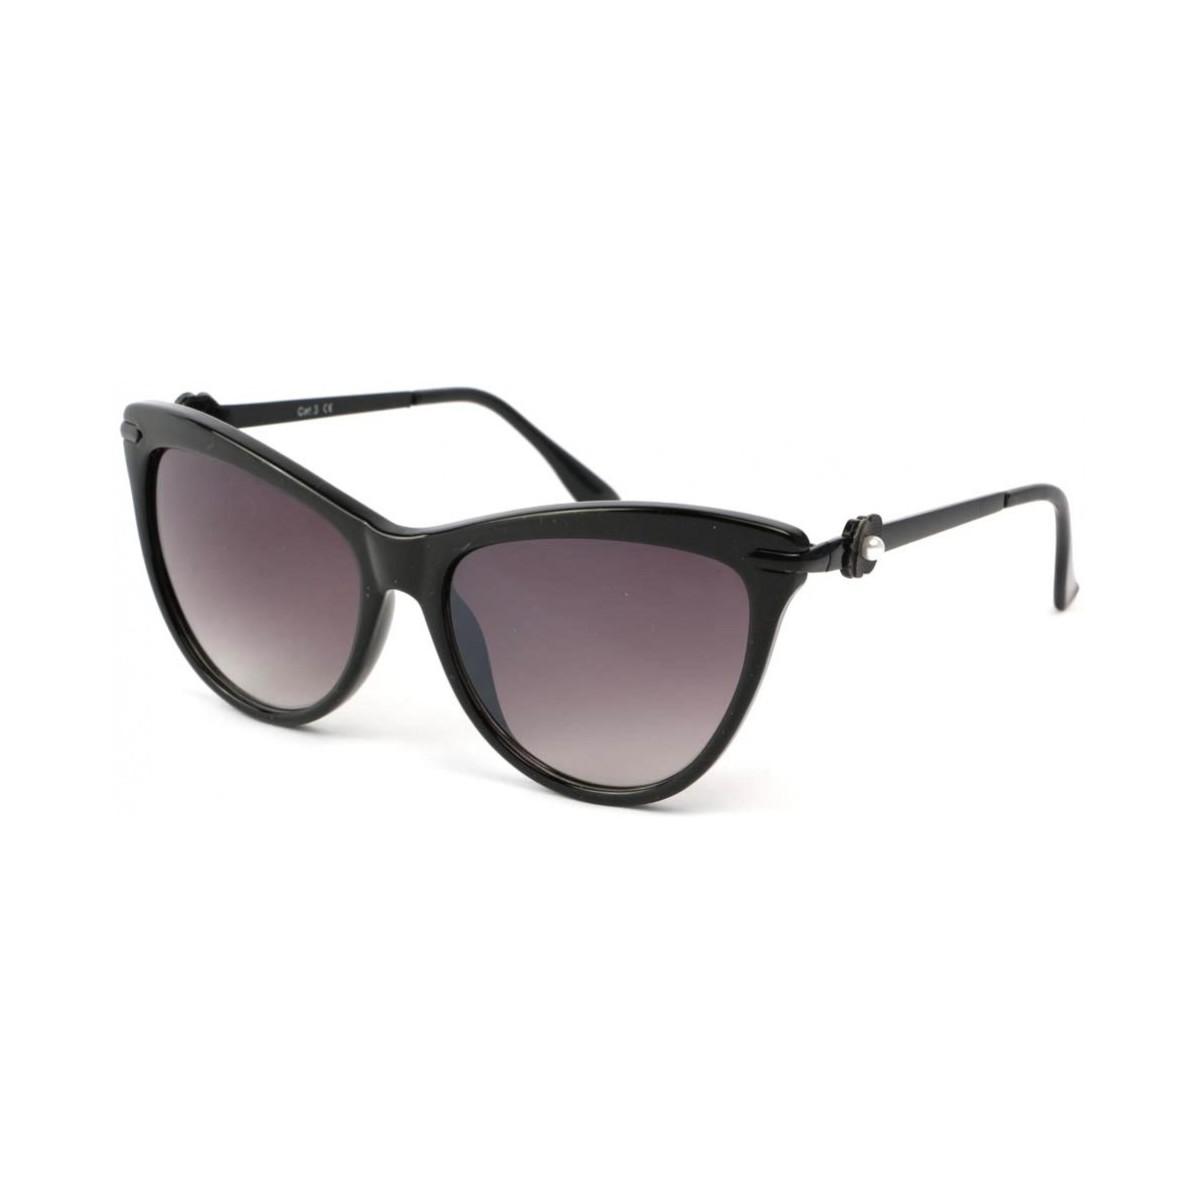 Eye Wear Lunettes Soleil Wave avec monture noire Noir